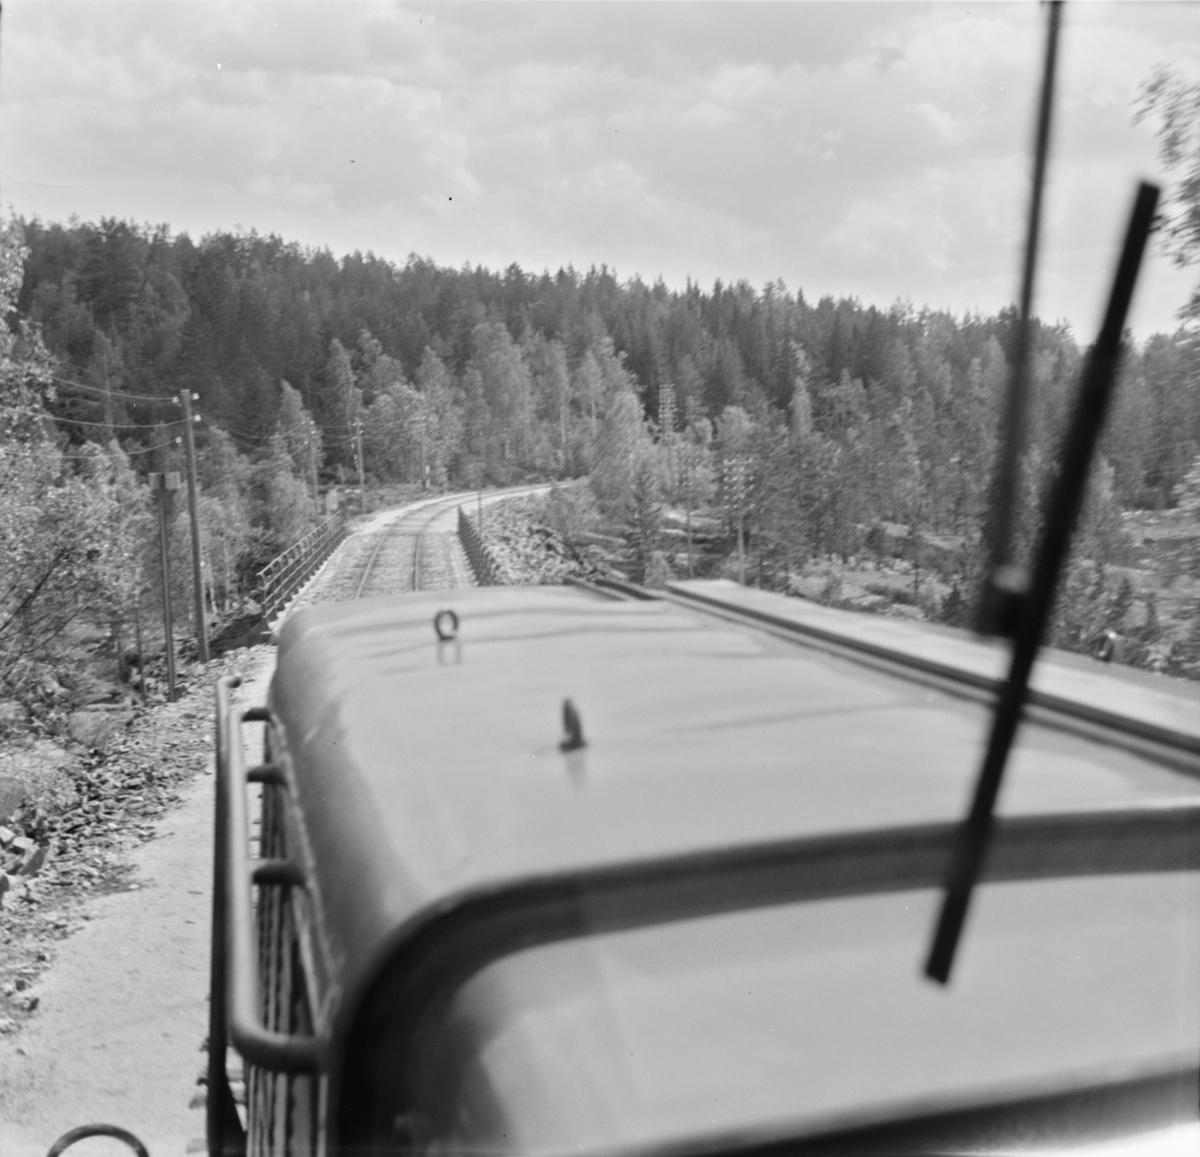 Parti fra Treungenbanen. Utsikt fra førerrommet på diesellokomotivet.